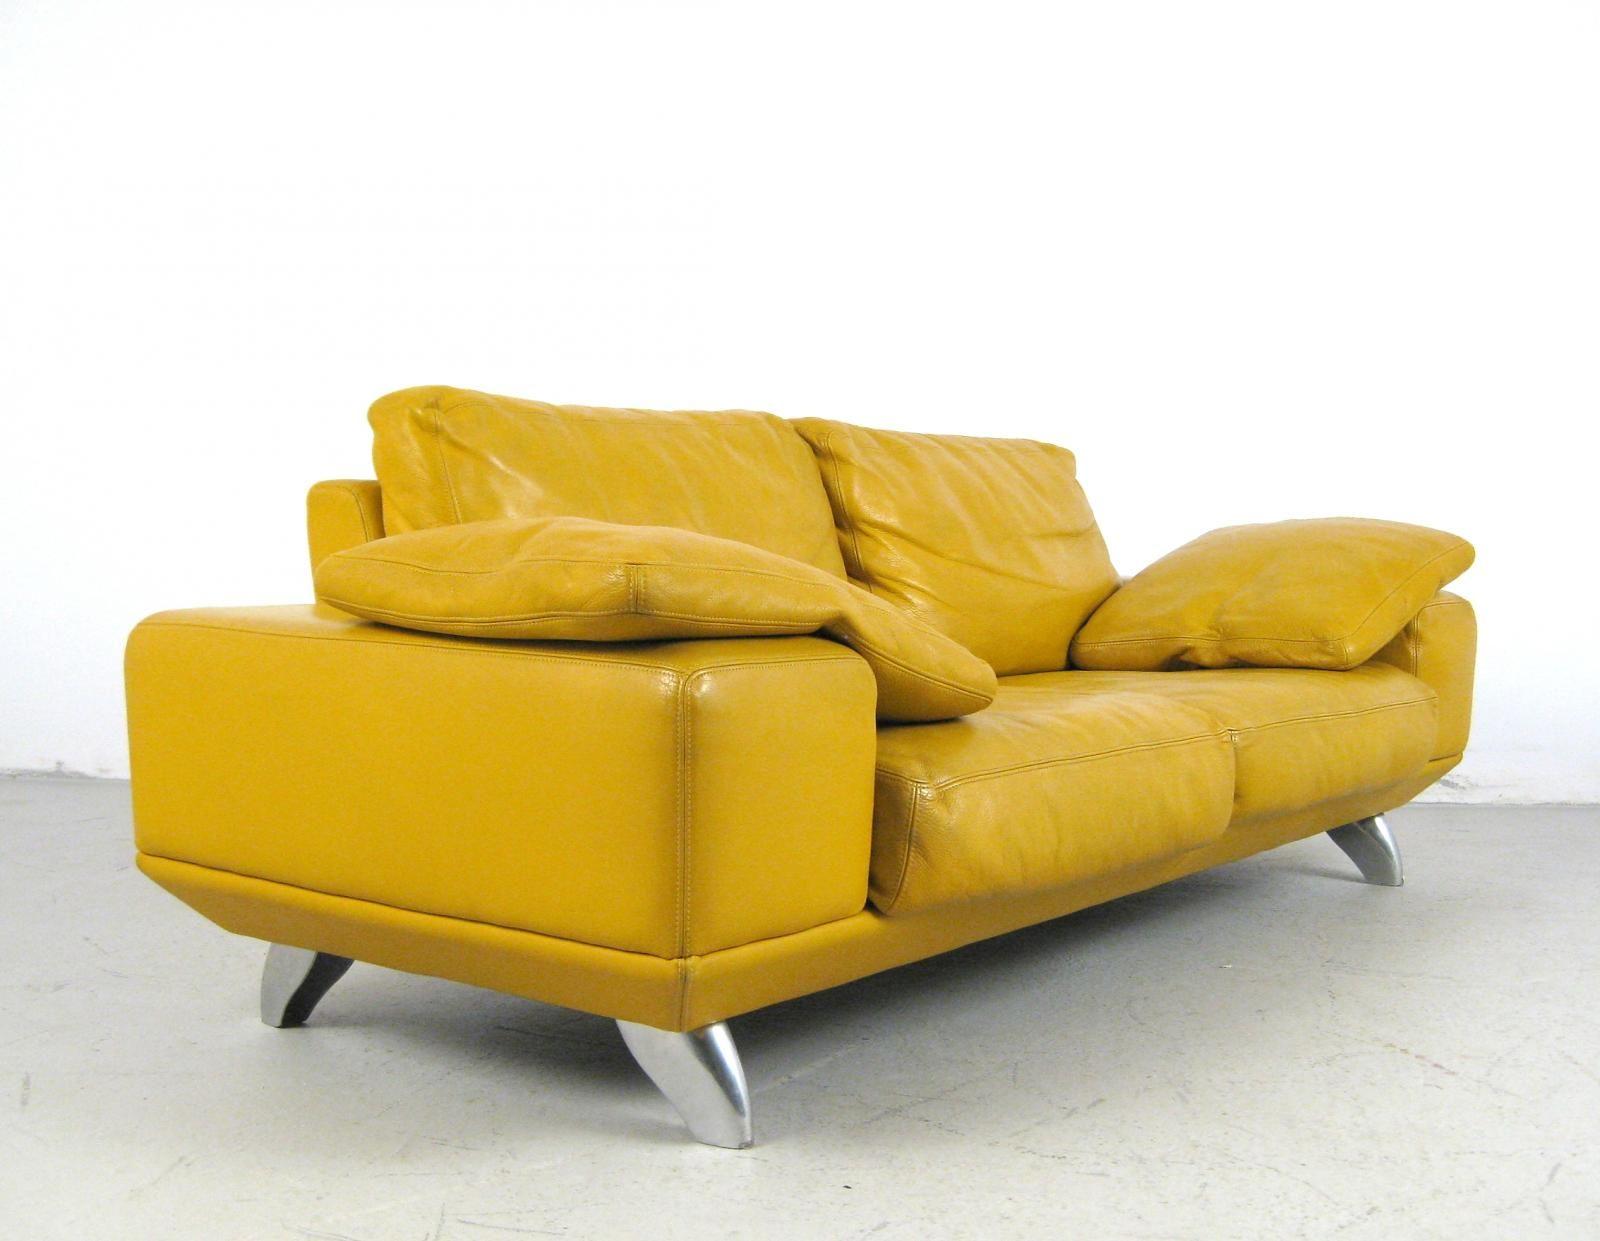 Areaneo Molinari Lounge Sofa Italy 1990 Design Of The Times Molinari Molinari Italy Lounge Sofa Lounge Sofa Sofa Bespoke Design